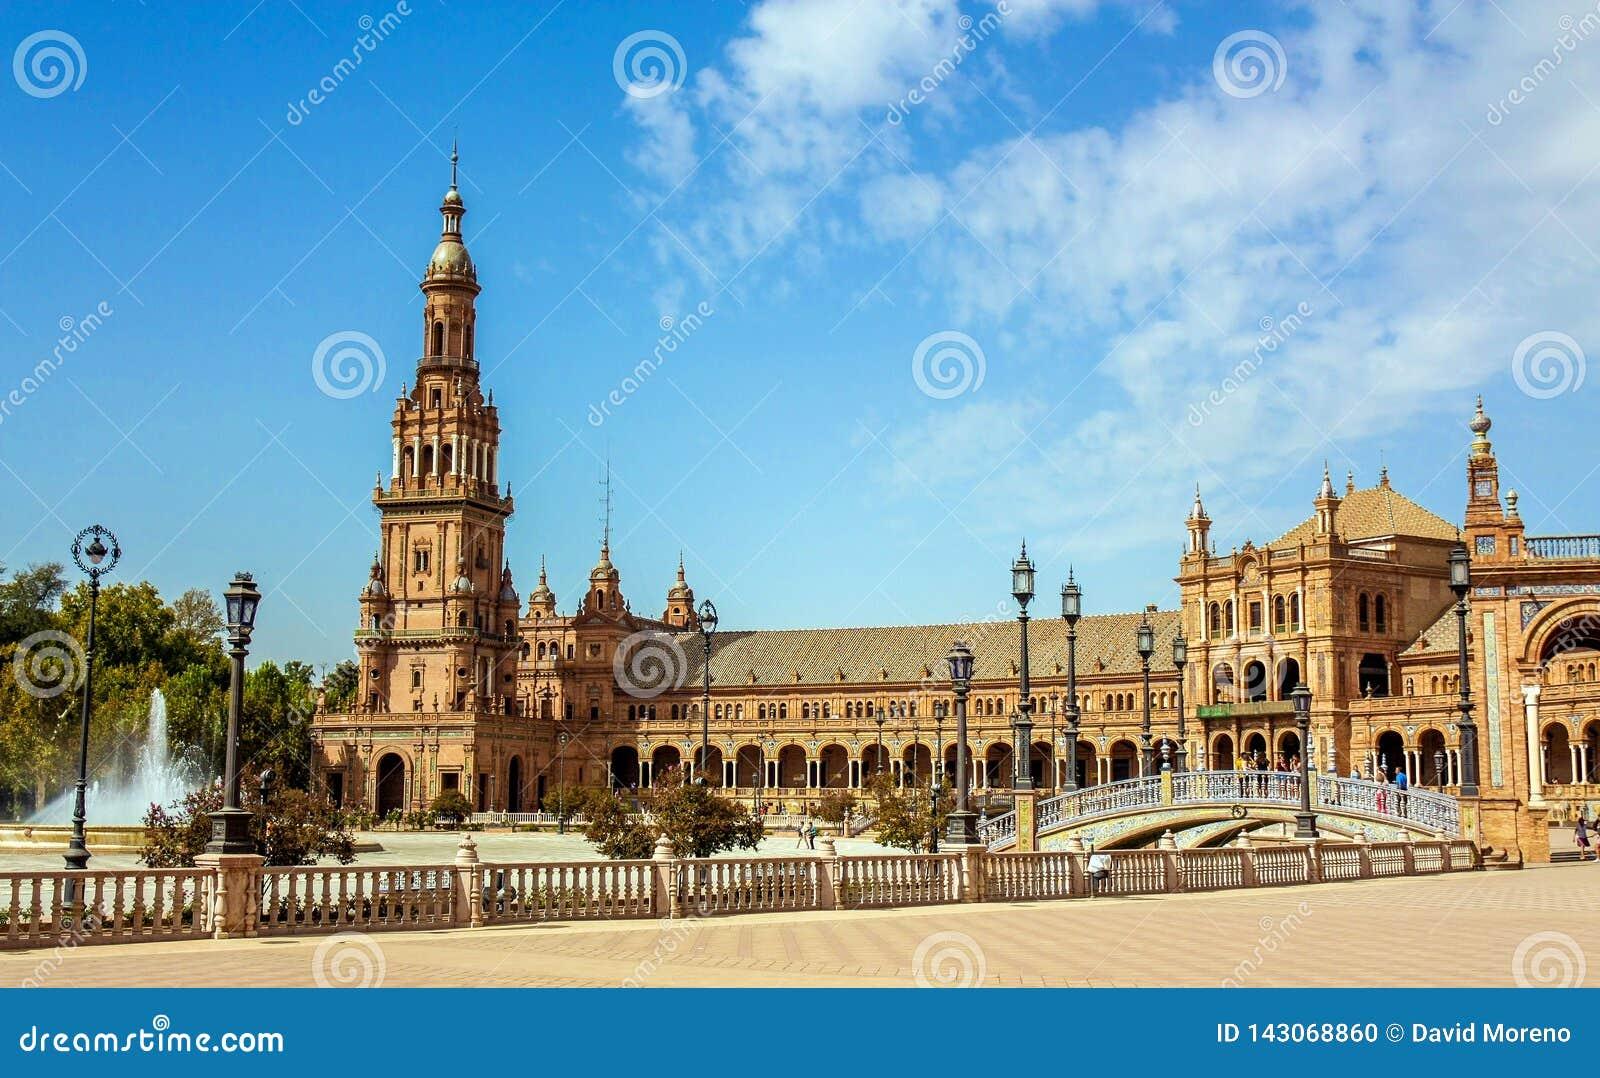 La Spagna, Siviglia Il quadrato della Spagna o Plaza de España è un esempio del punto di riferimento dello stile di rinascita di